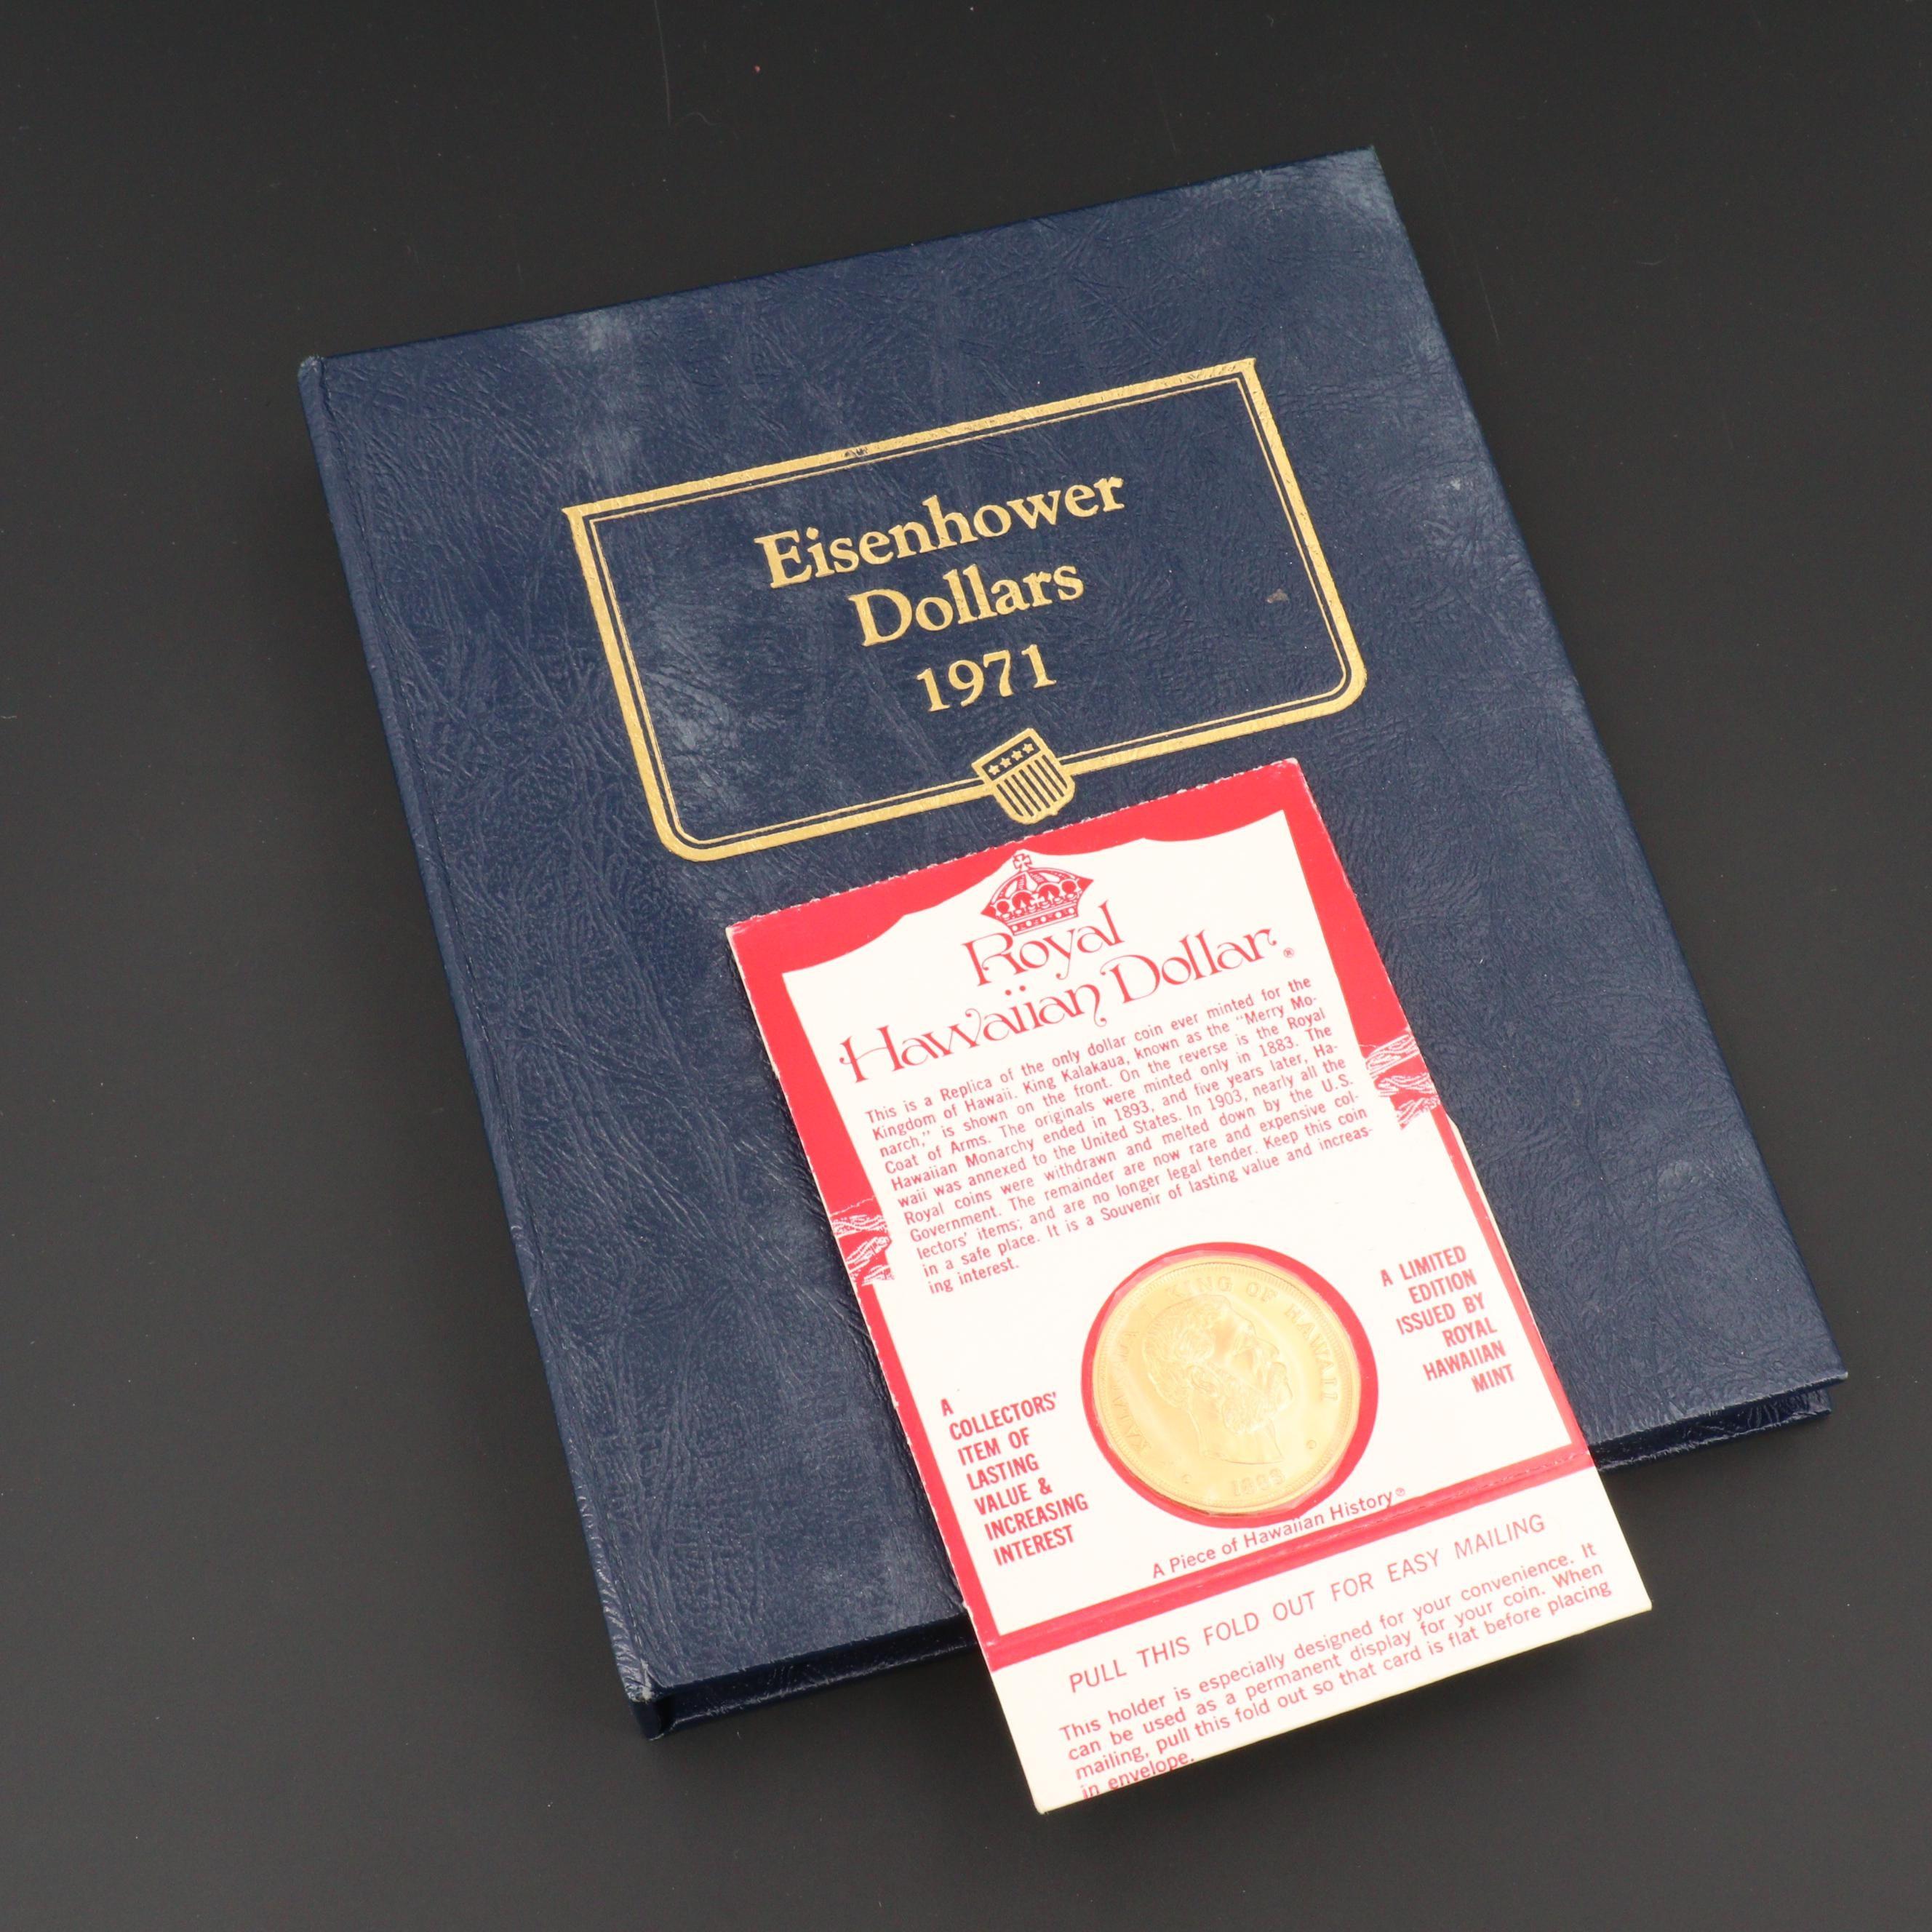 Whitman Binder of Eisenhower Dollars